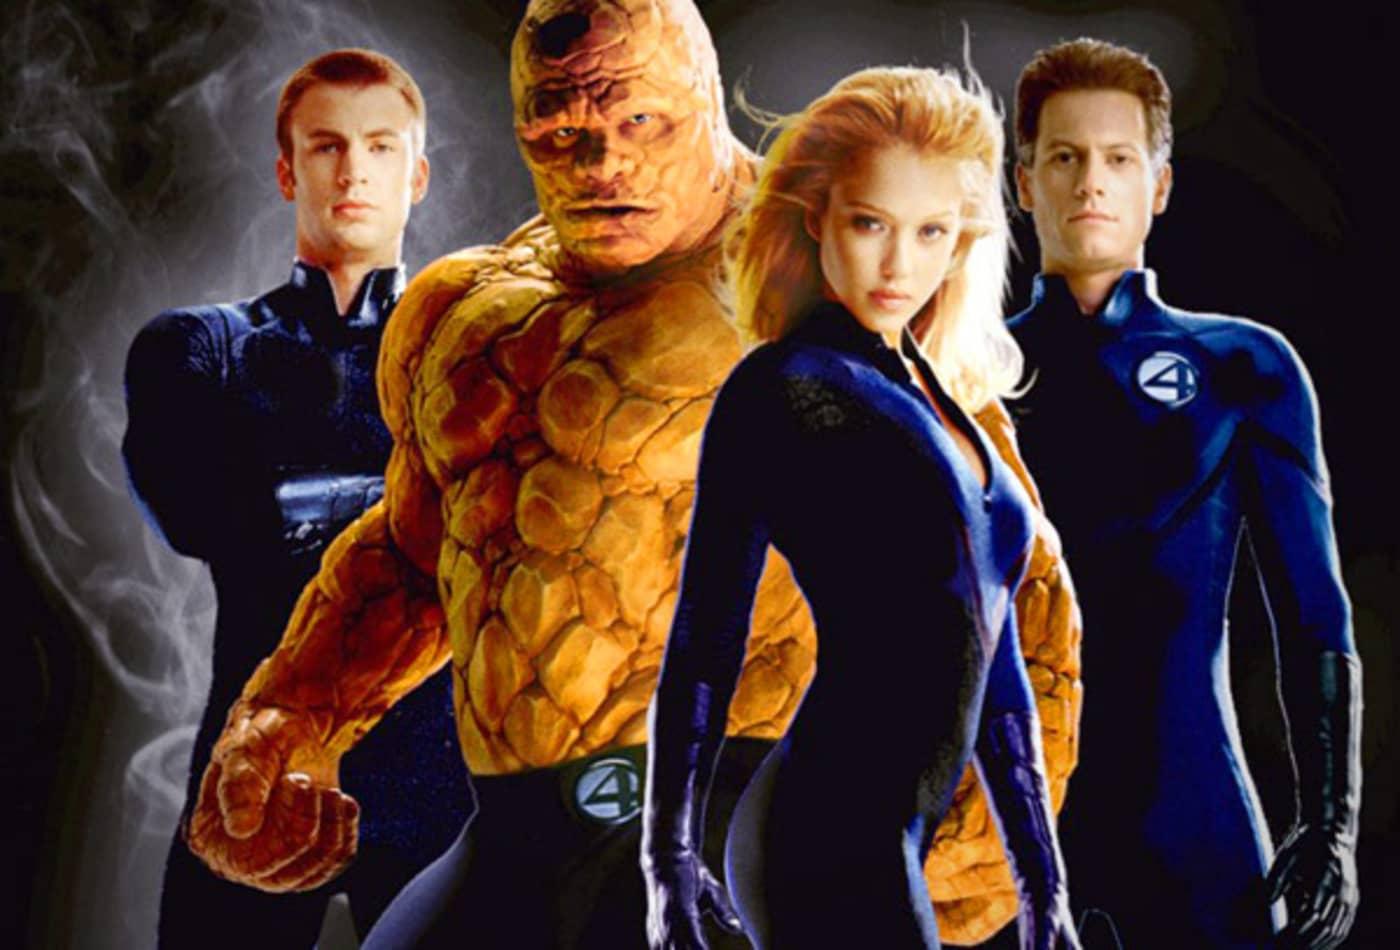 46955350 CNBC_superhero_films_2011_Fan4.jpg